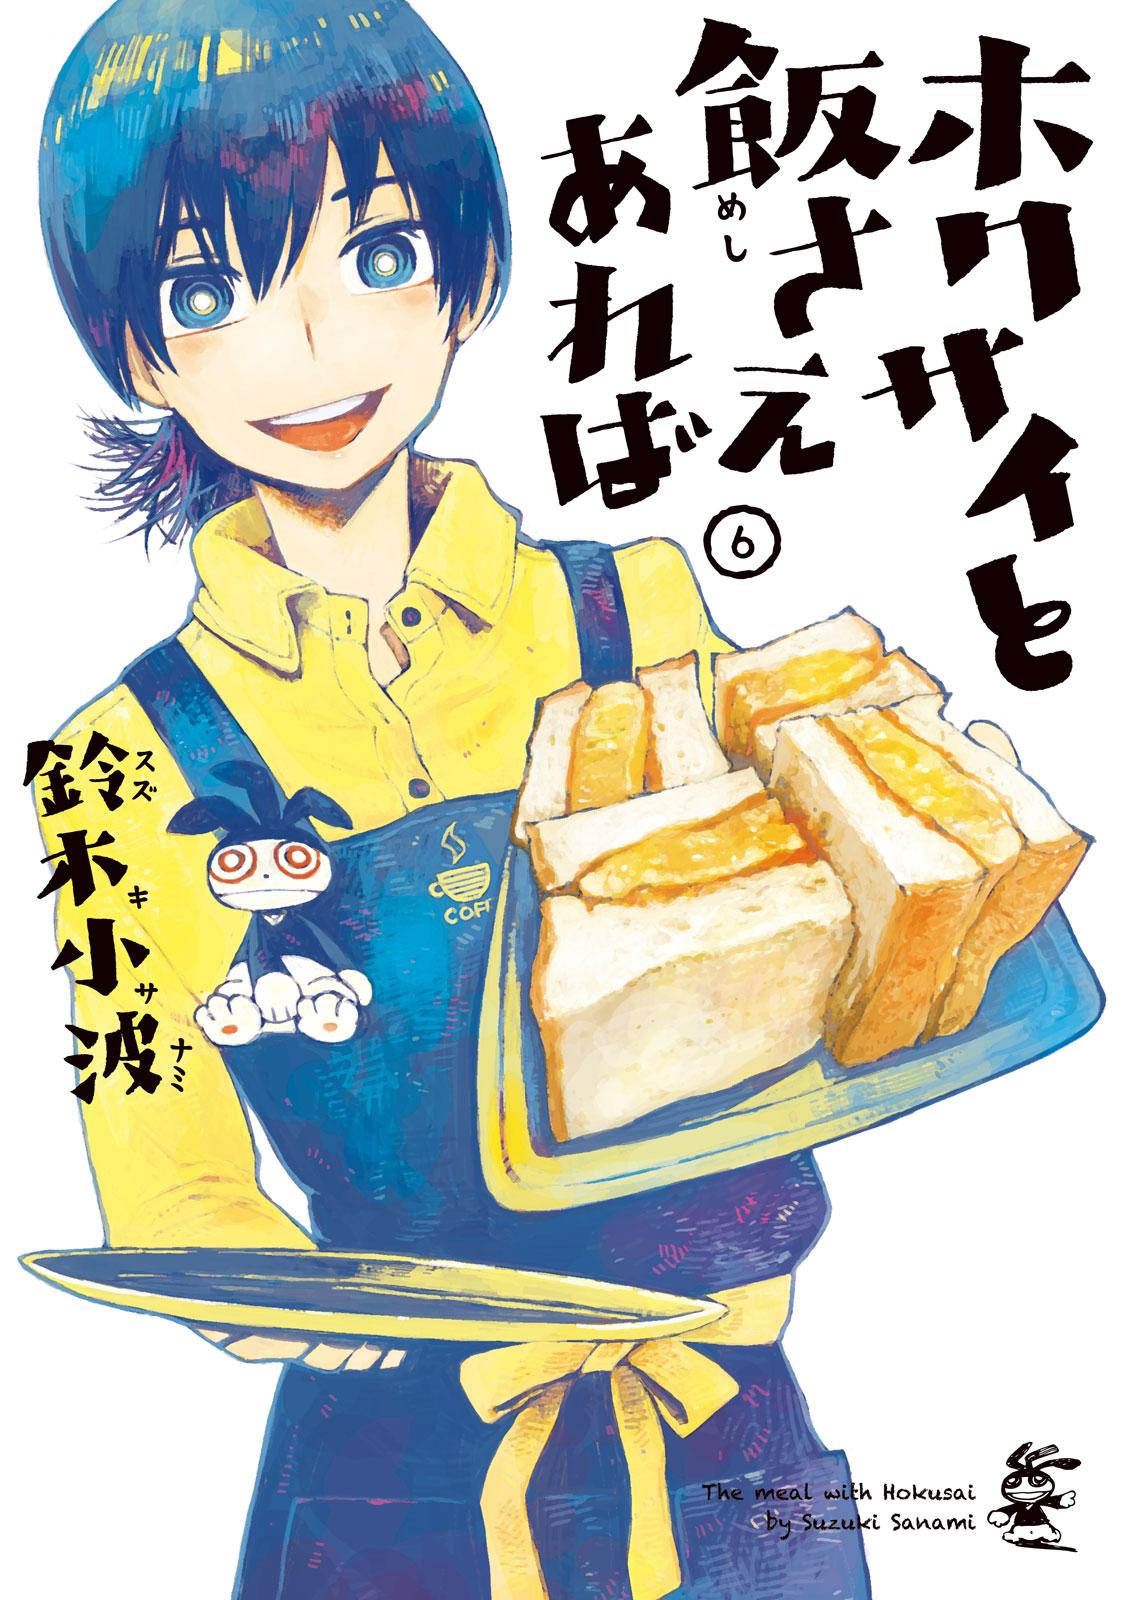 ホクサイと飯さえあれば(6)